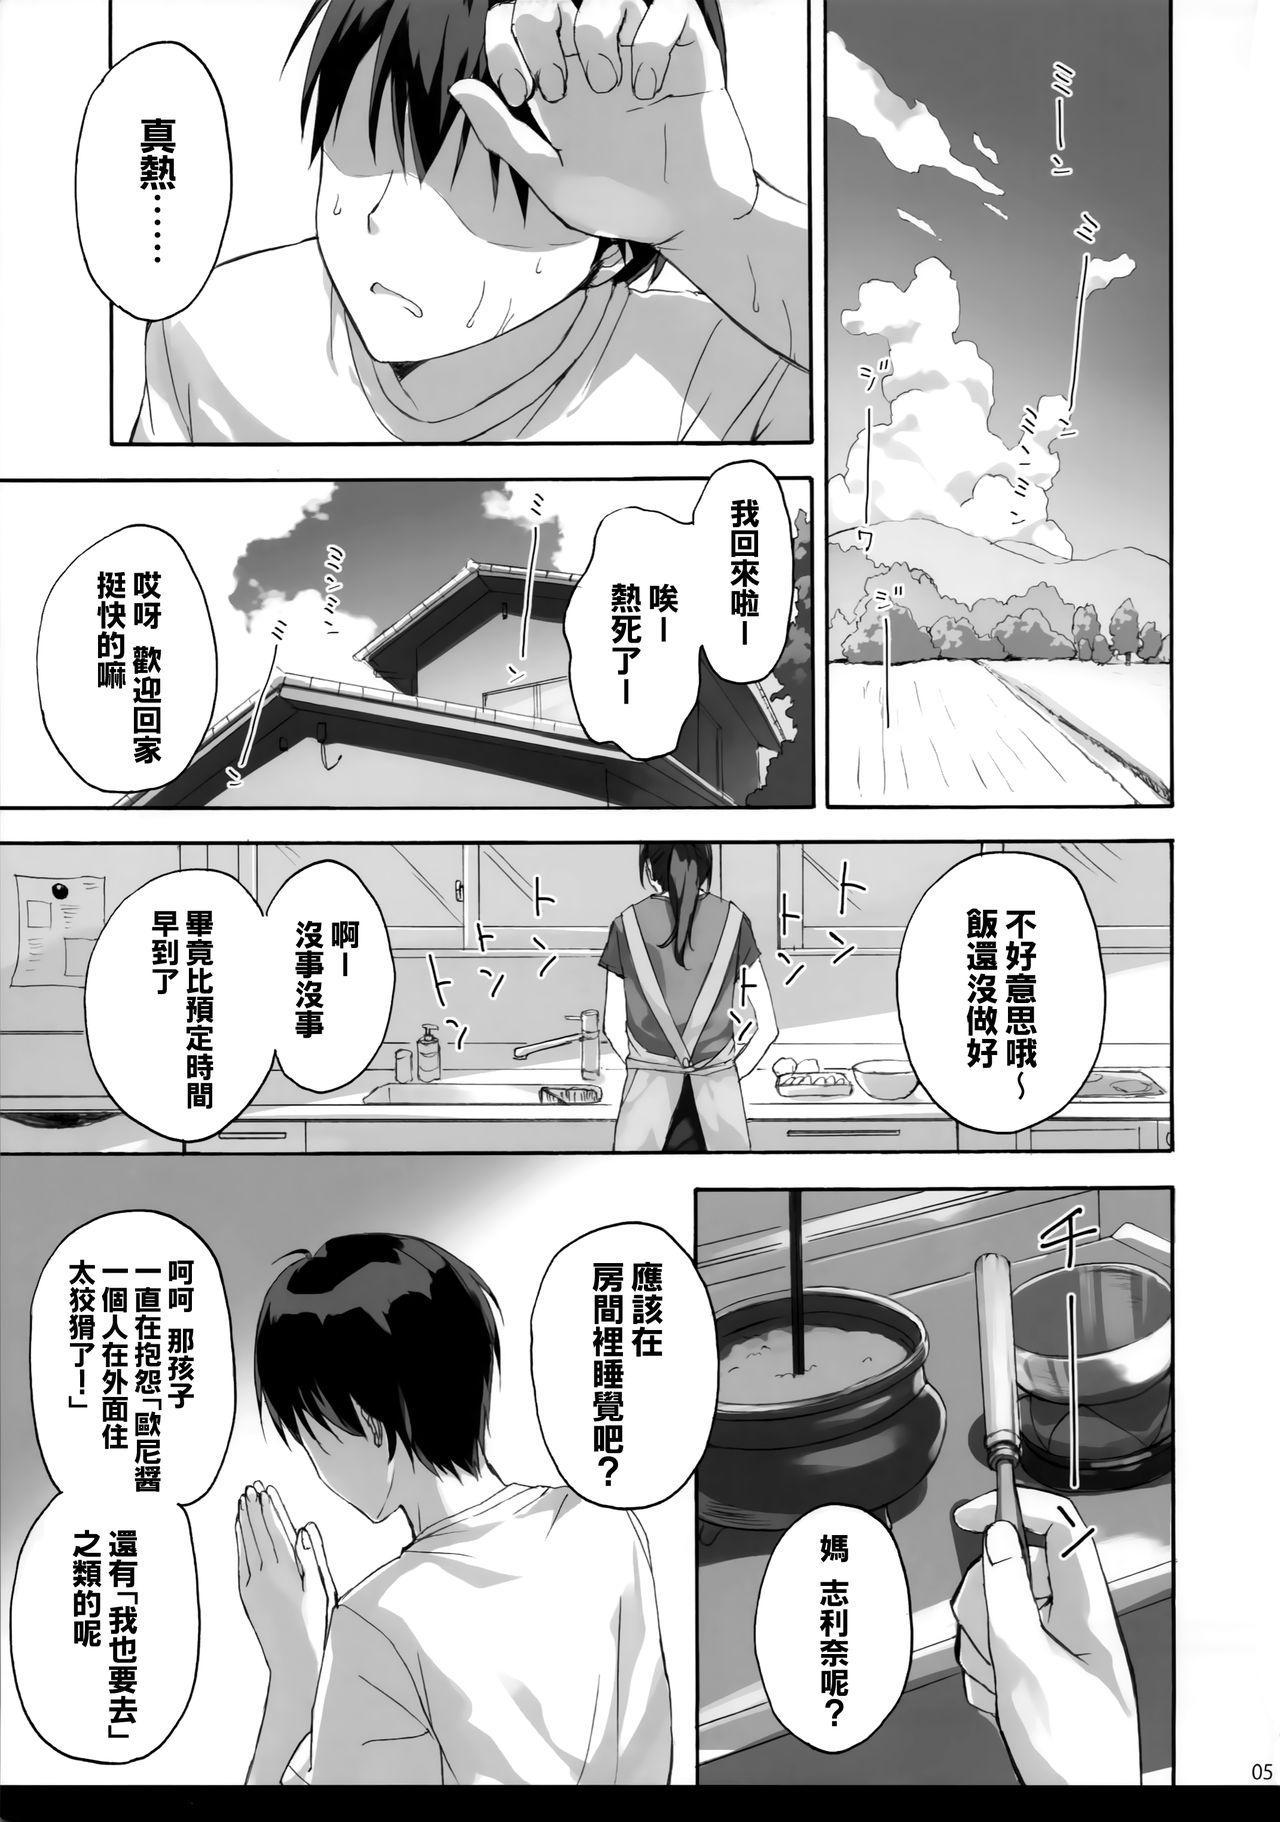 onii-chan no koto ha kirai dakedo sorenari ni daisuki2+1 4